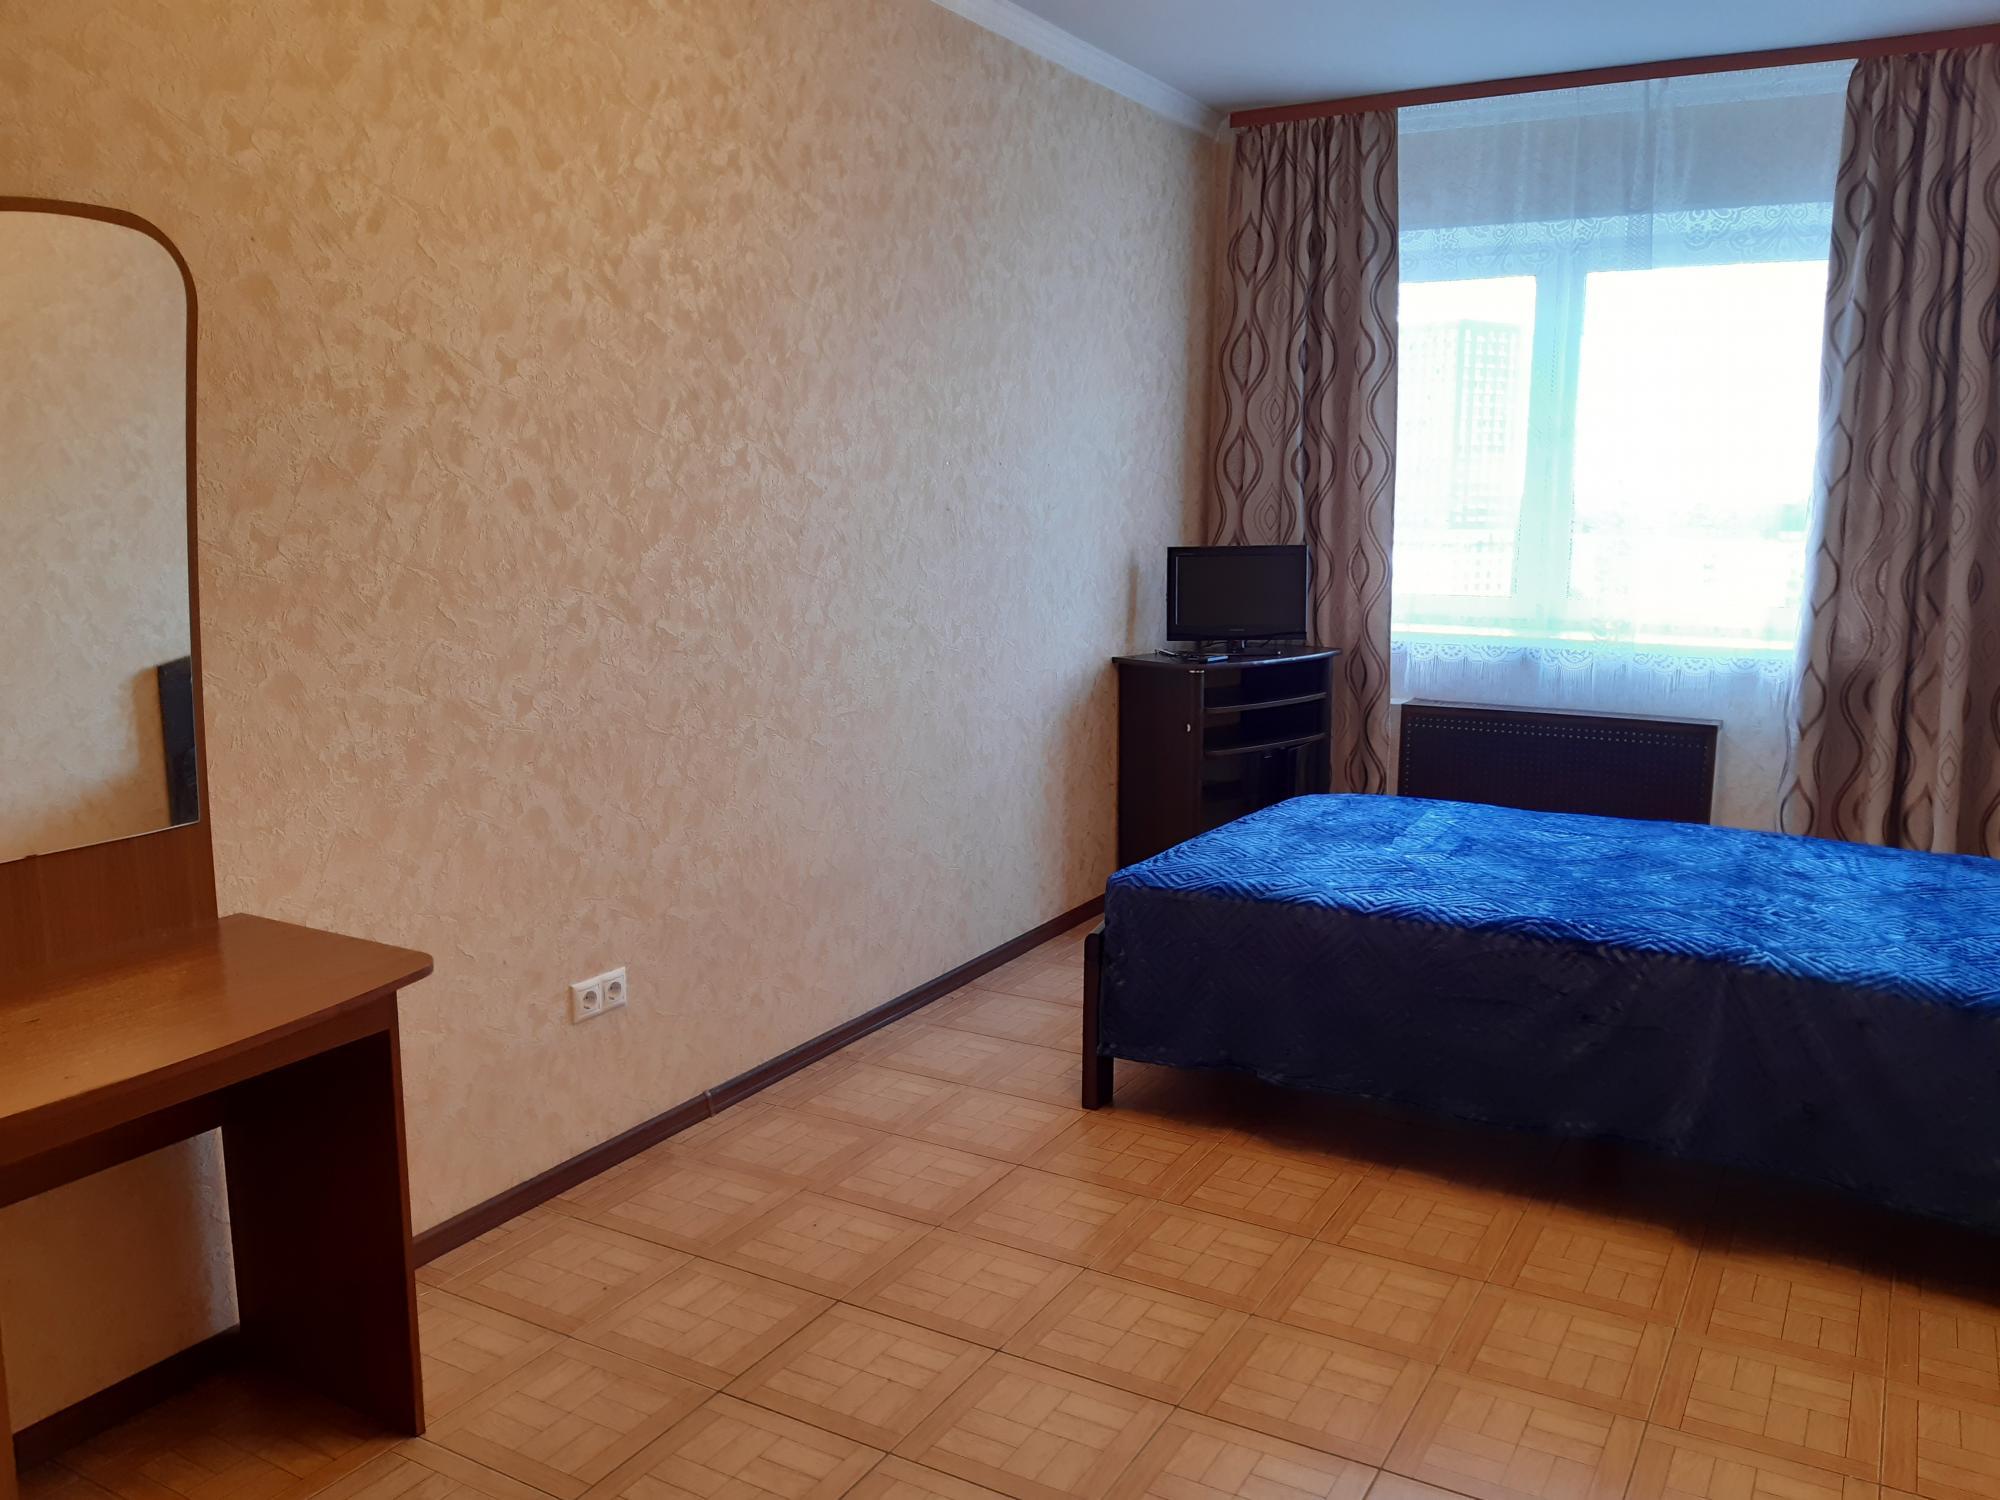 Квартира, 2 комнаты, 63.2 м² в Котельниках 89295674093 купить 9